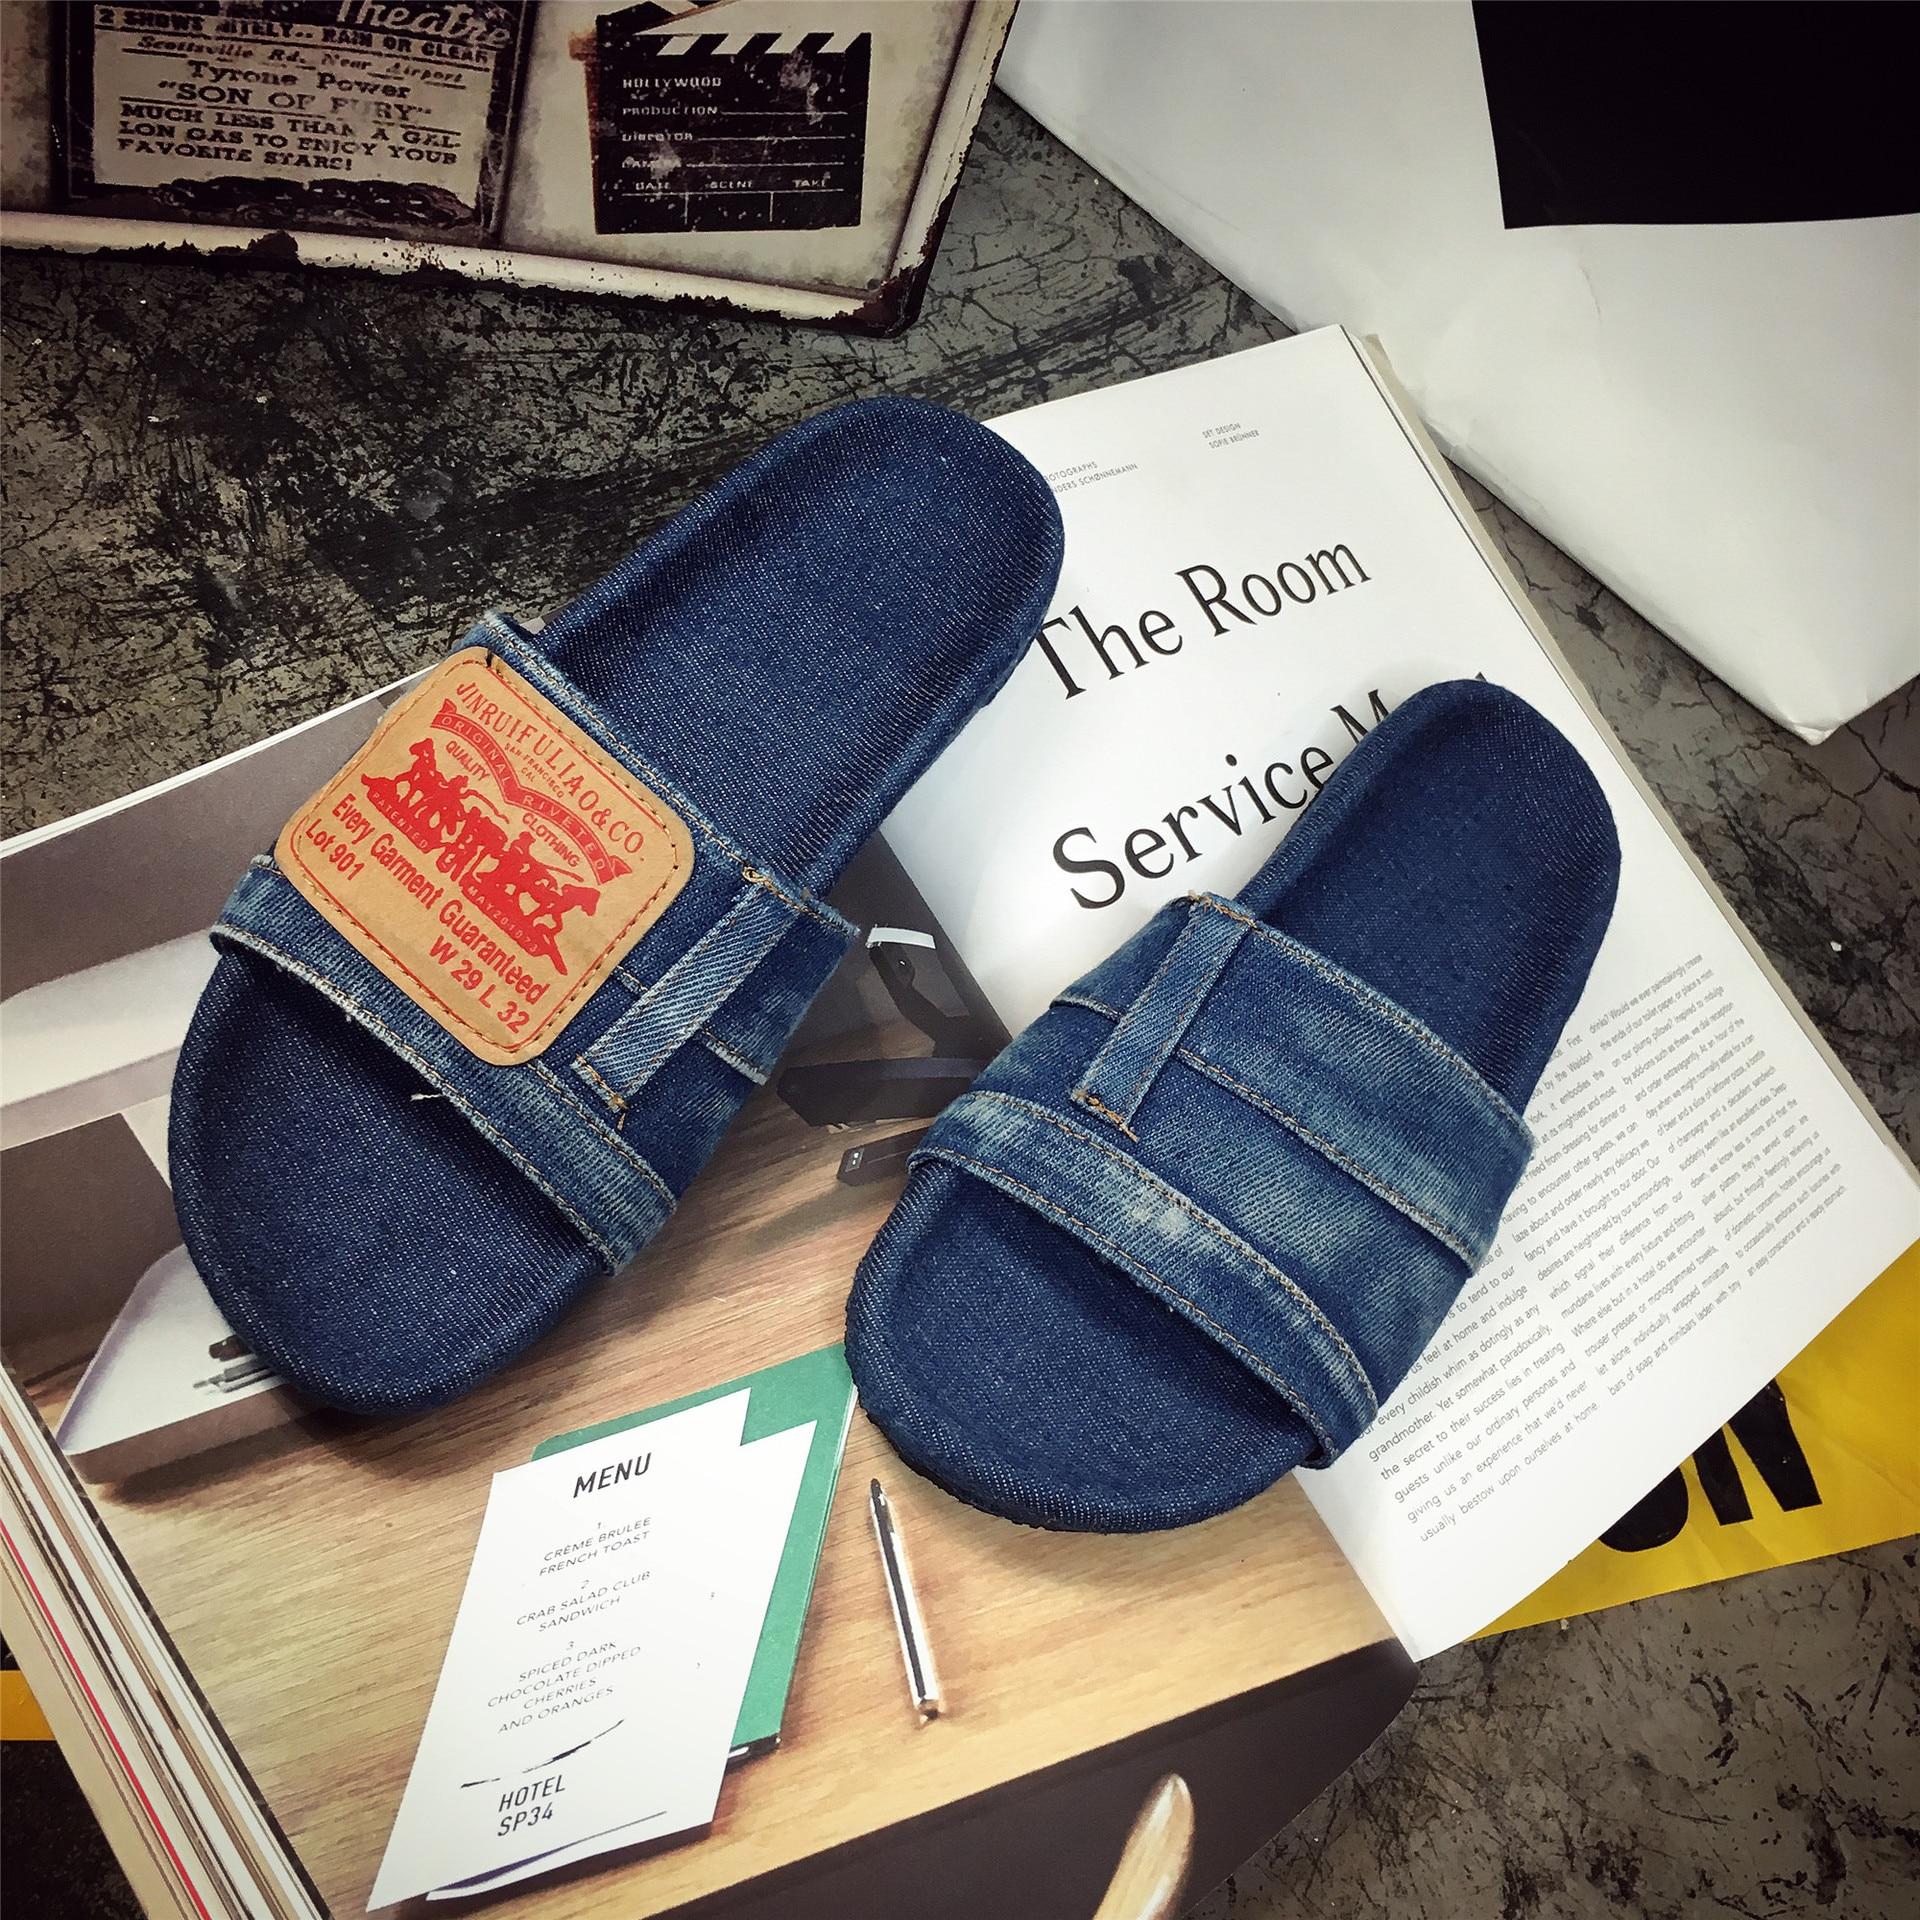 2019 sandalias de mezclilla nueva palabra zapatillas de mezclilla lavadas viejos zapatos planos de mujer casual sandalias salvajes Zapatos KATELVADI, sandalias de gladiador negras para mujer, sandalias de verano para mujer, Sandalias de tacón alto de 8CM con correa en el tobillo, sandalias para mujer, K-317